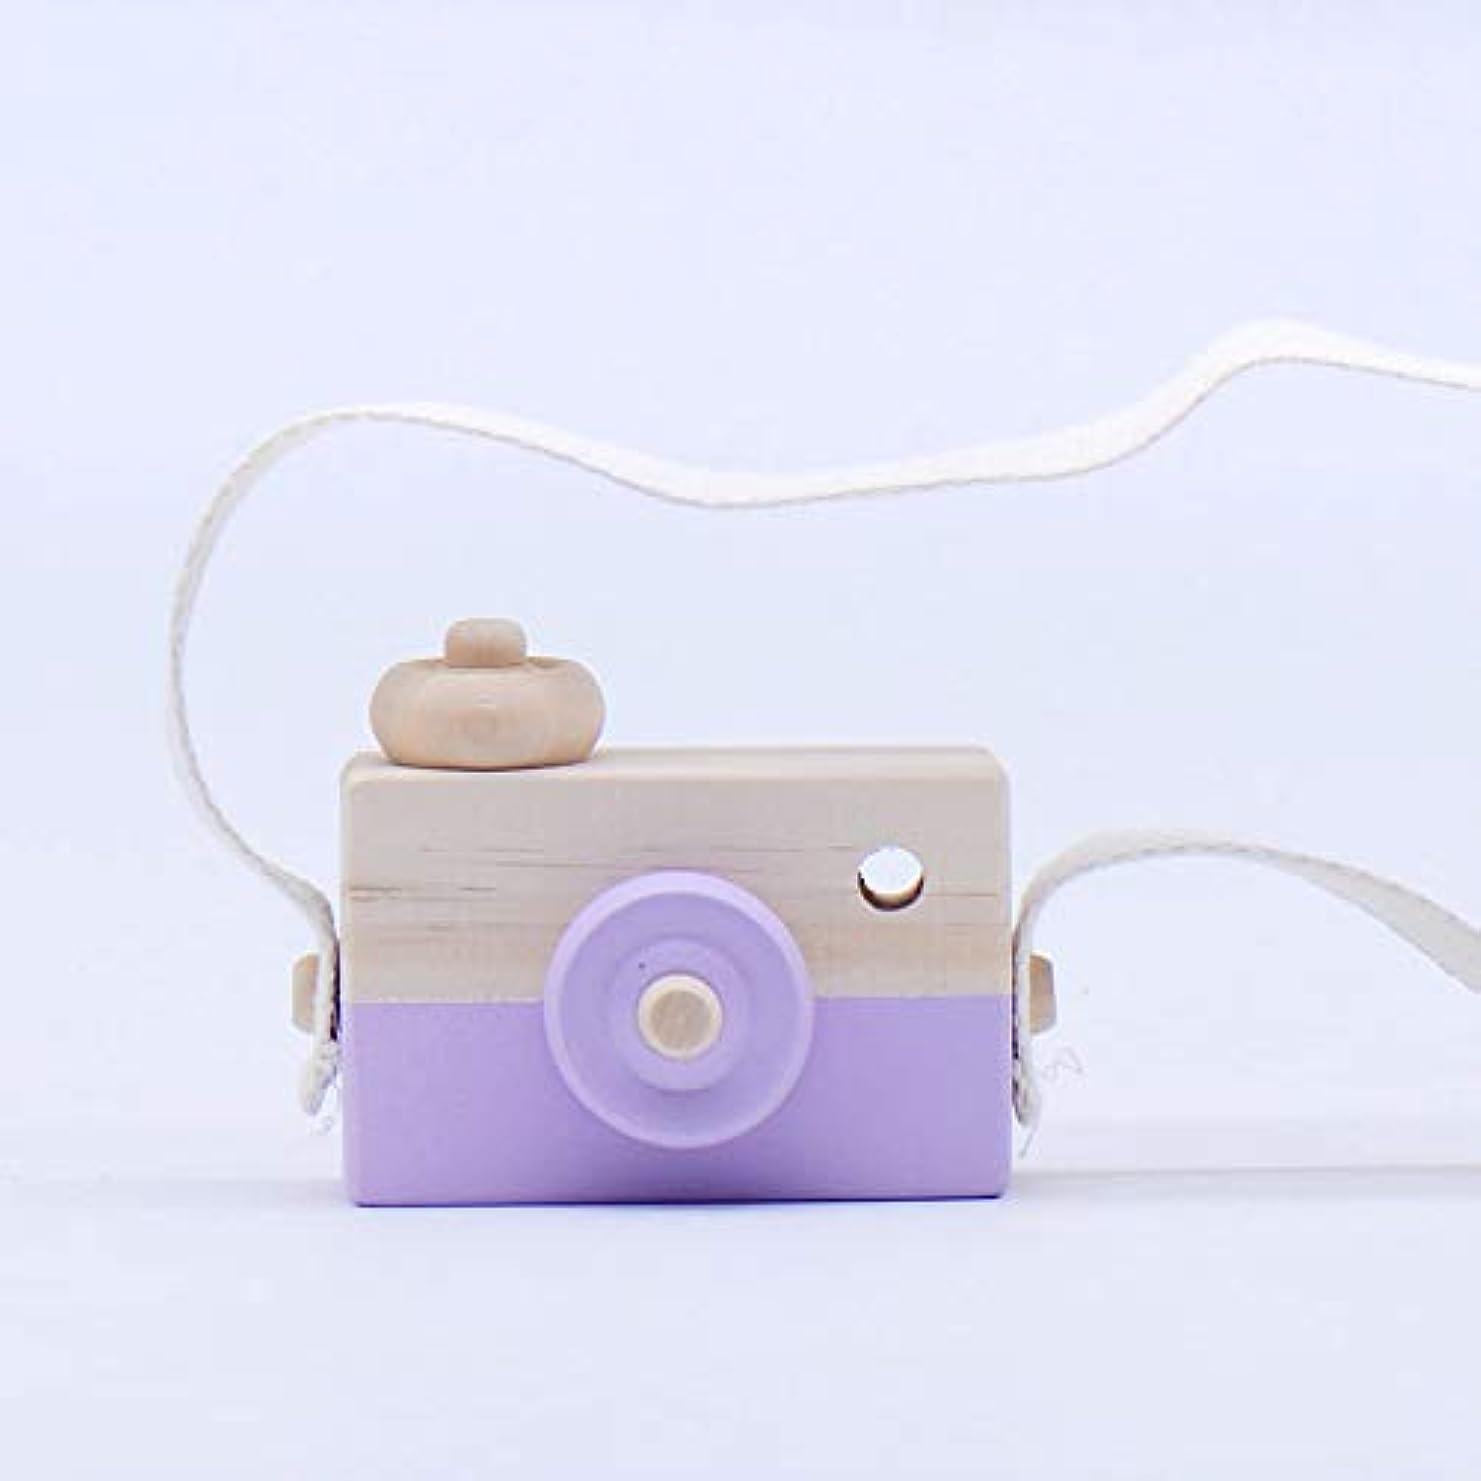 ゲージミリメートルエジプト人ミニかわいい木製カメラのおもちゃ安全なナチュラル玩具ベビーキッズファッション服アクセサリー玩具誕生日クリスマスホリデーギフト (紫の)